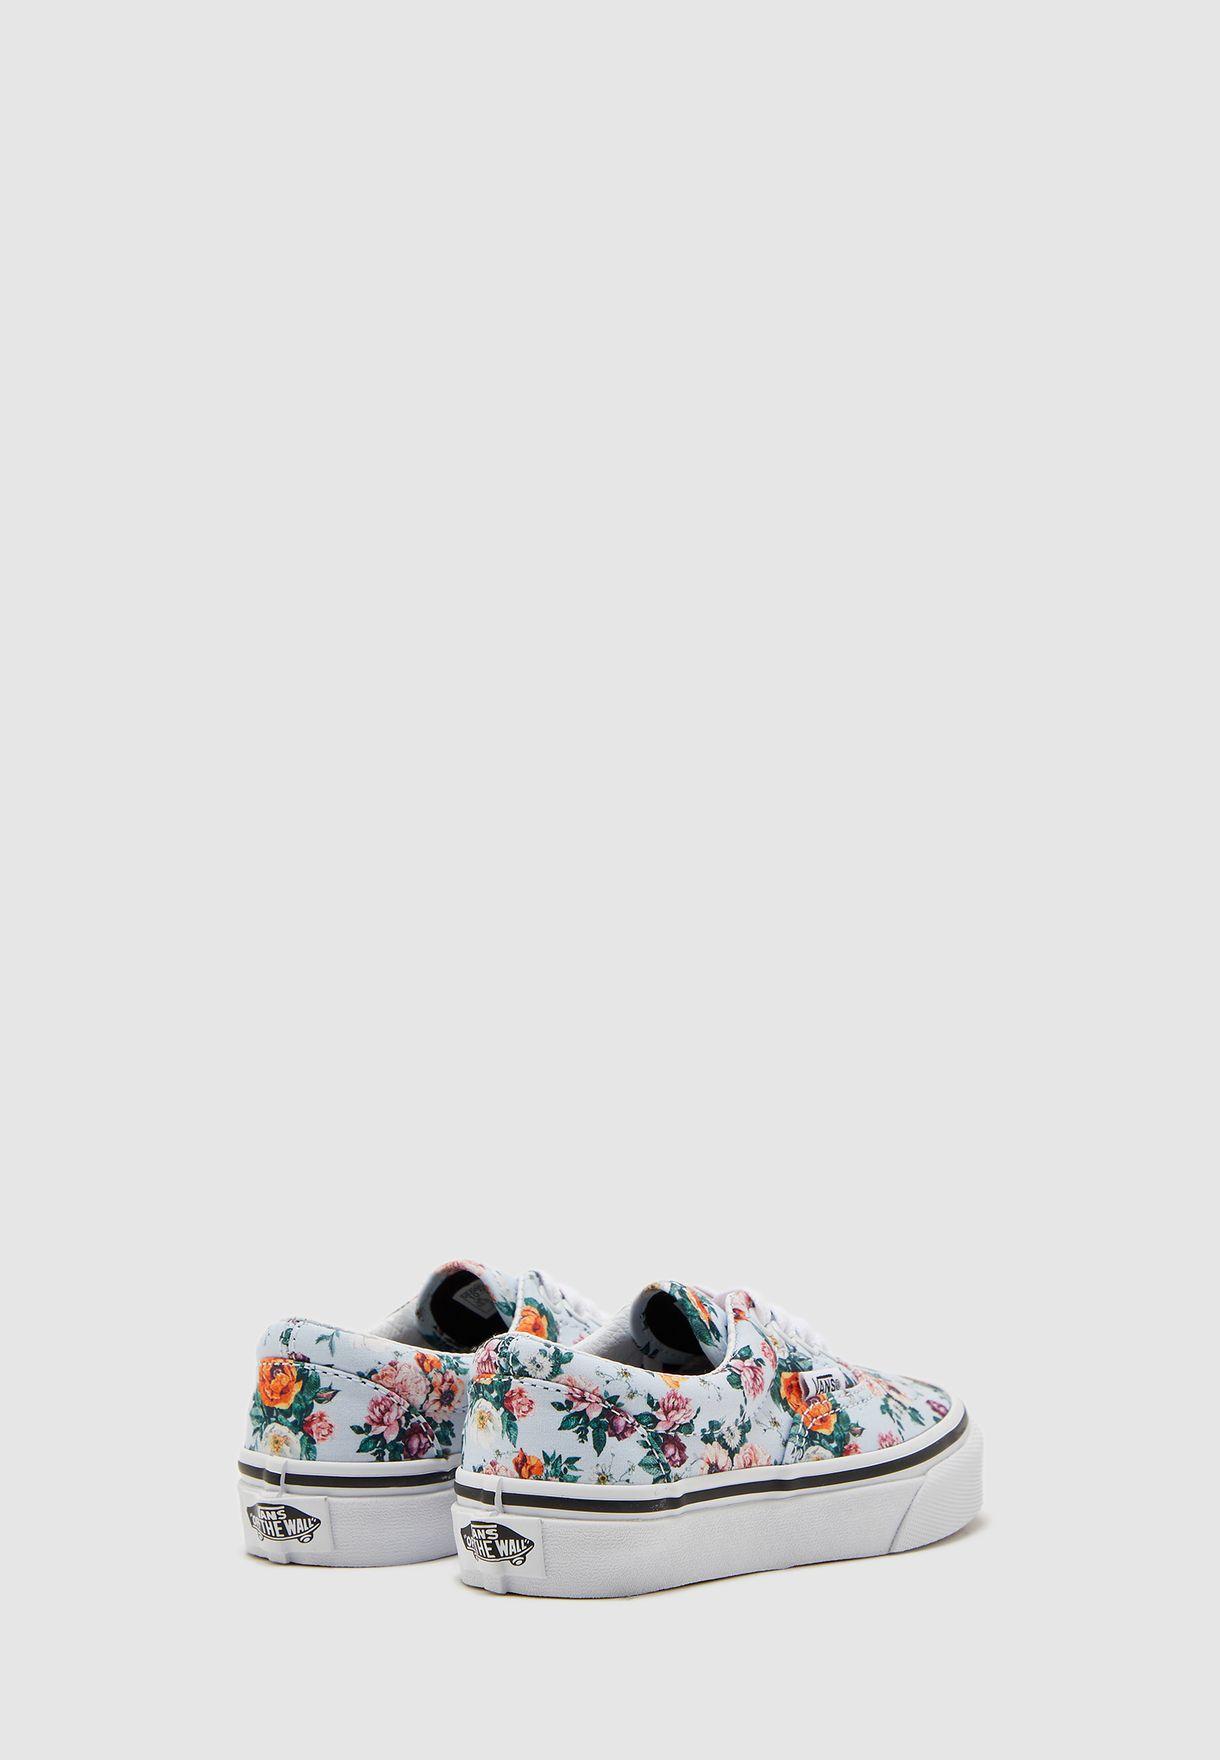 حذاء بطباعة زهور